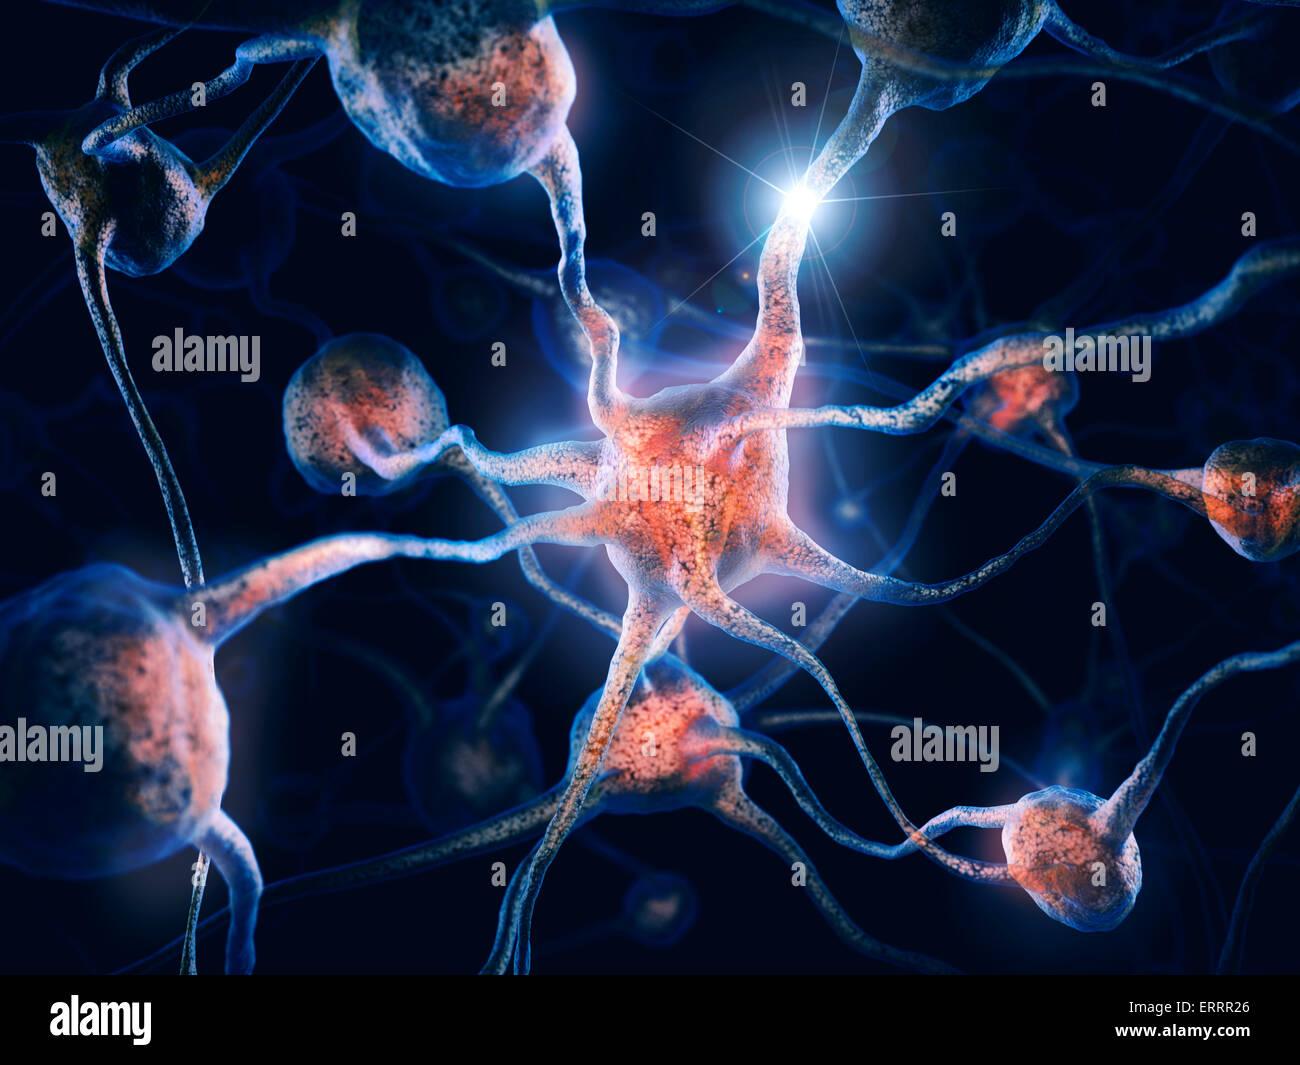 Red de neuronas y conexiones neuronales, las células del cerebro, la ciencia conceptual ilustración 3D Imagen De Stock